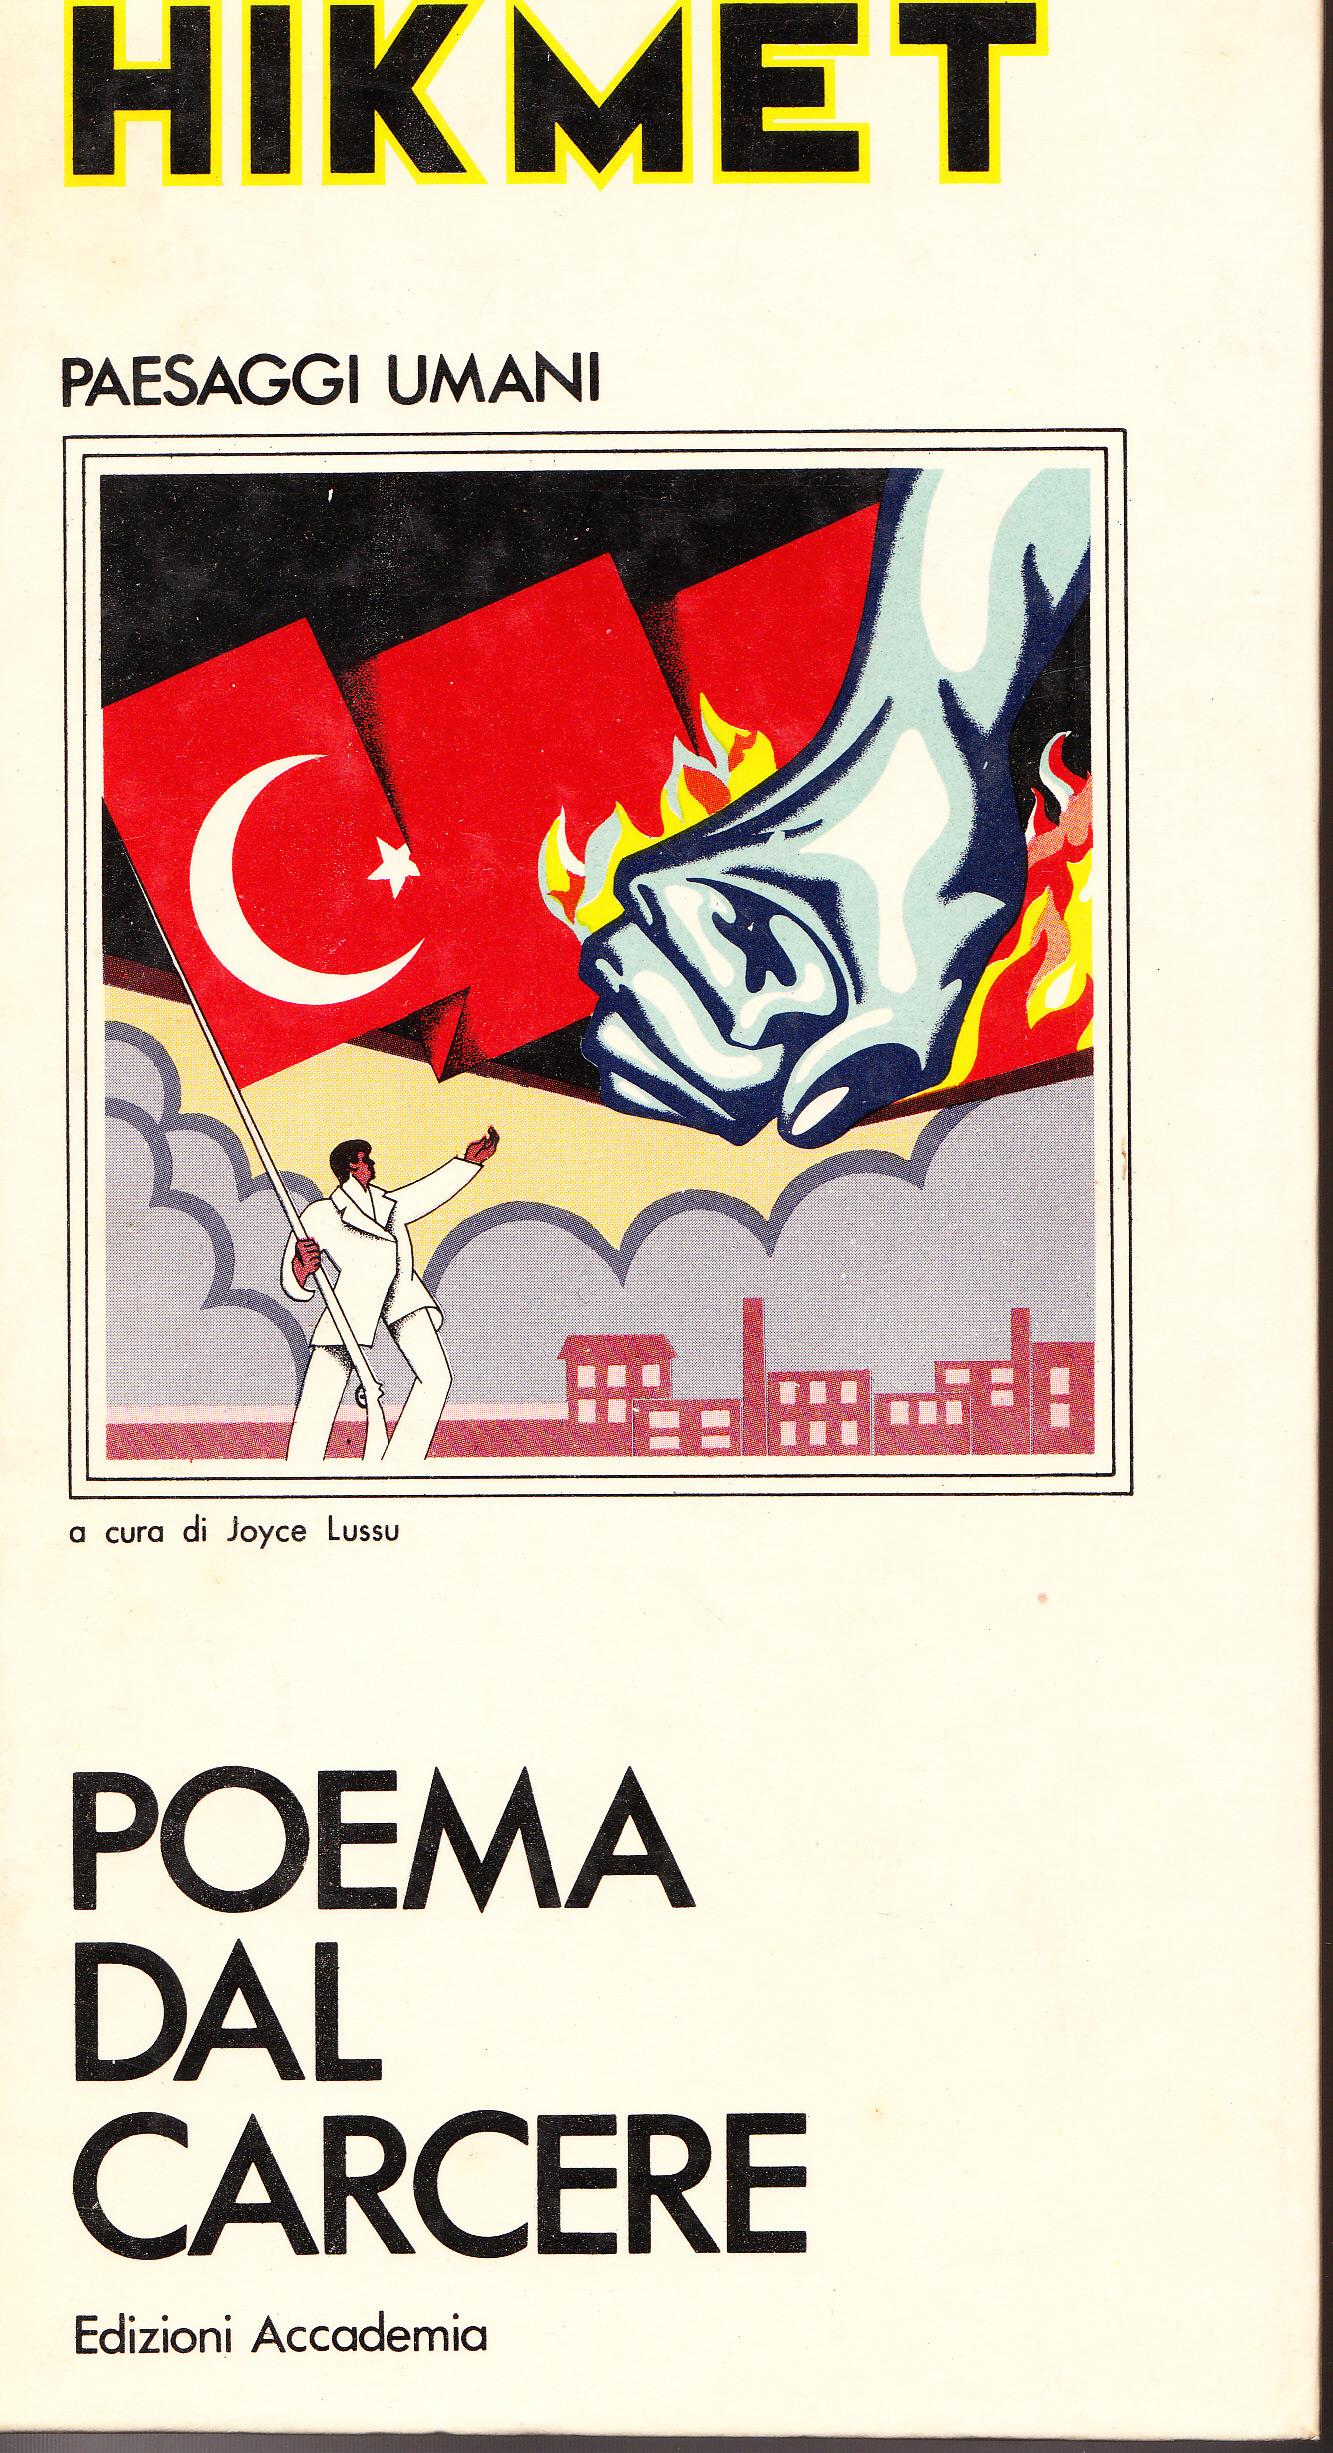 Poema dal carcere